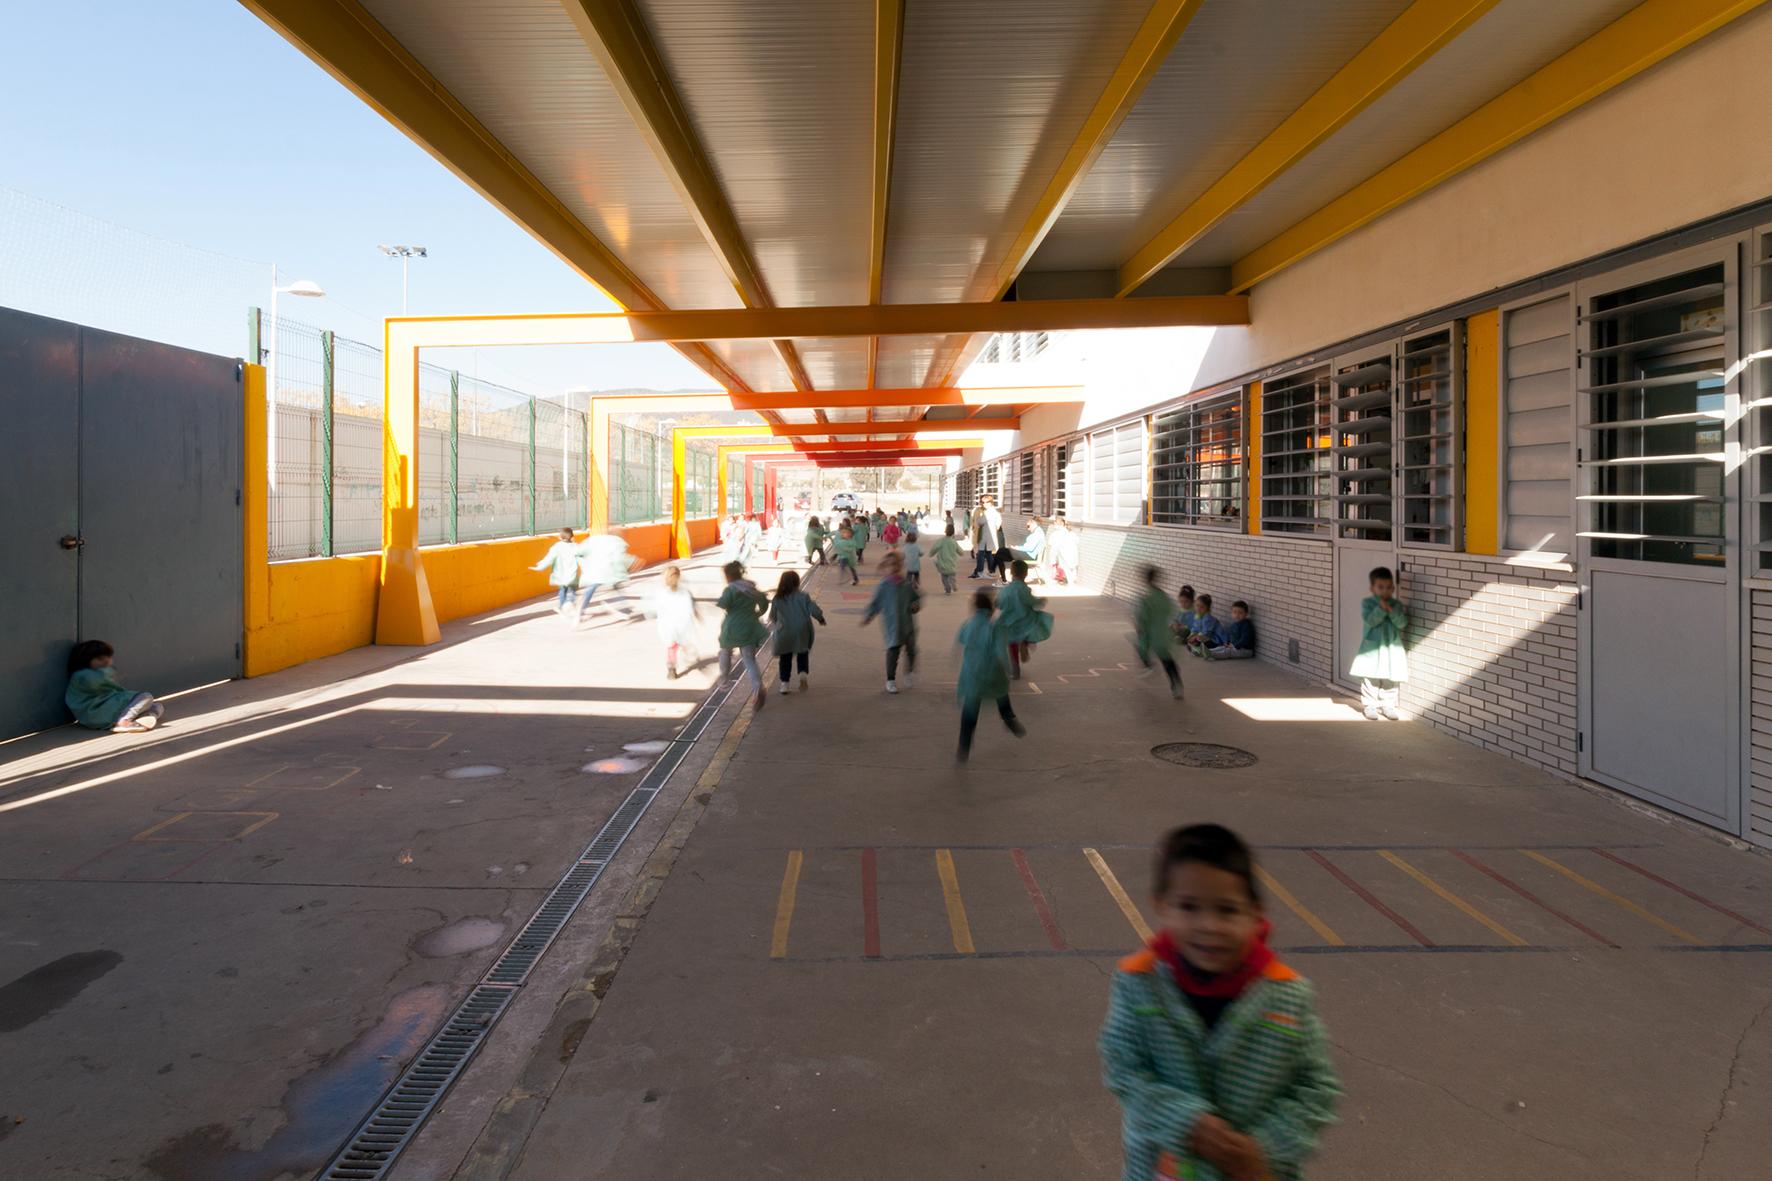 Porche para centro de educaci n infantil y primaria en c rdoba unia arquitectos - Arquitectos en cordoba ...